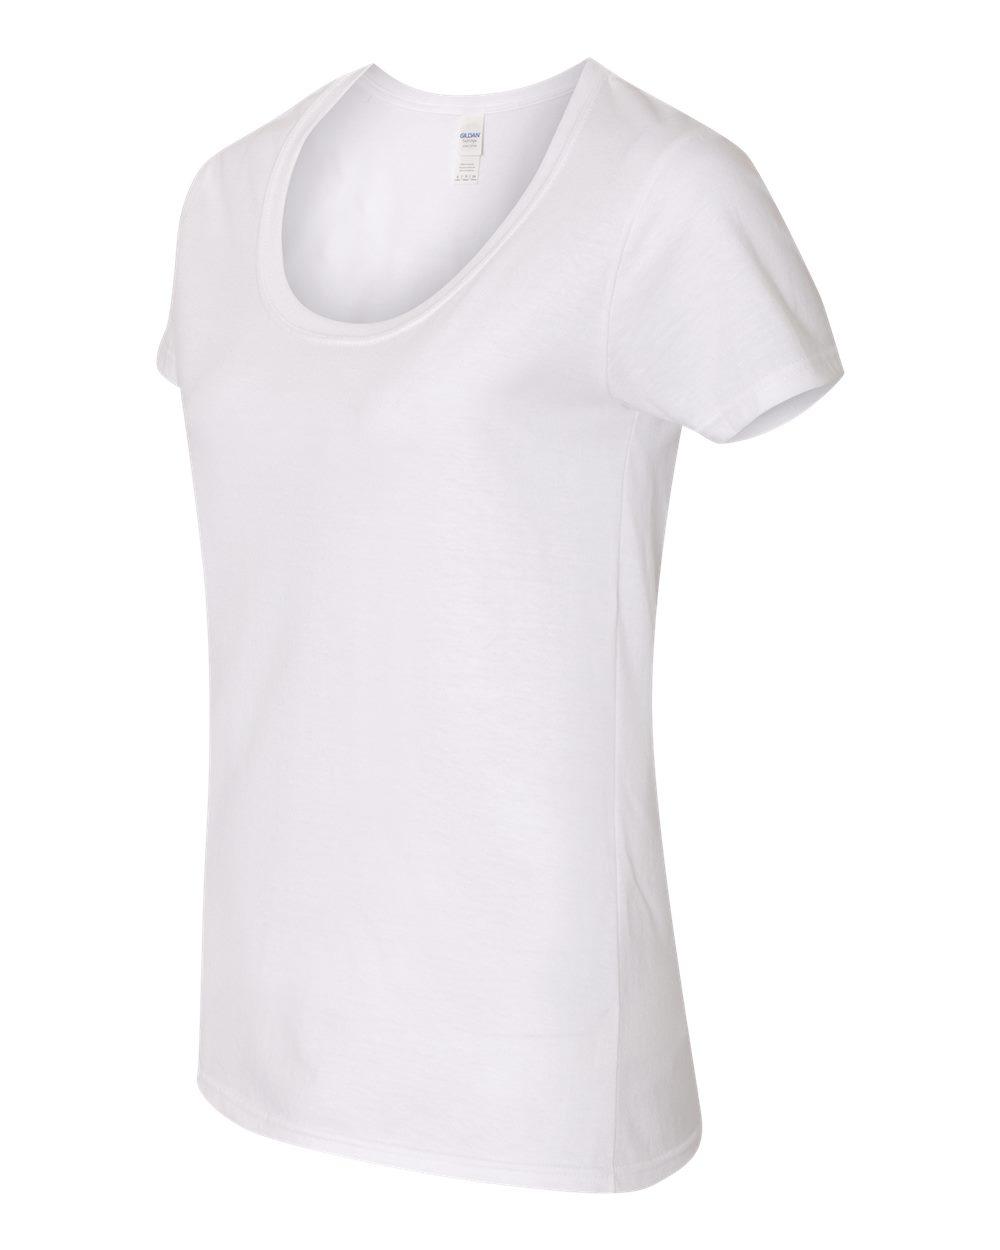 Gildan 64550L - Softstyle Women's Deep Scoopneck T-Shirt